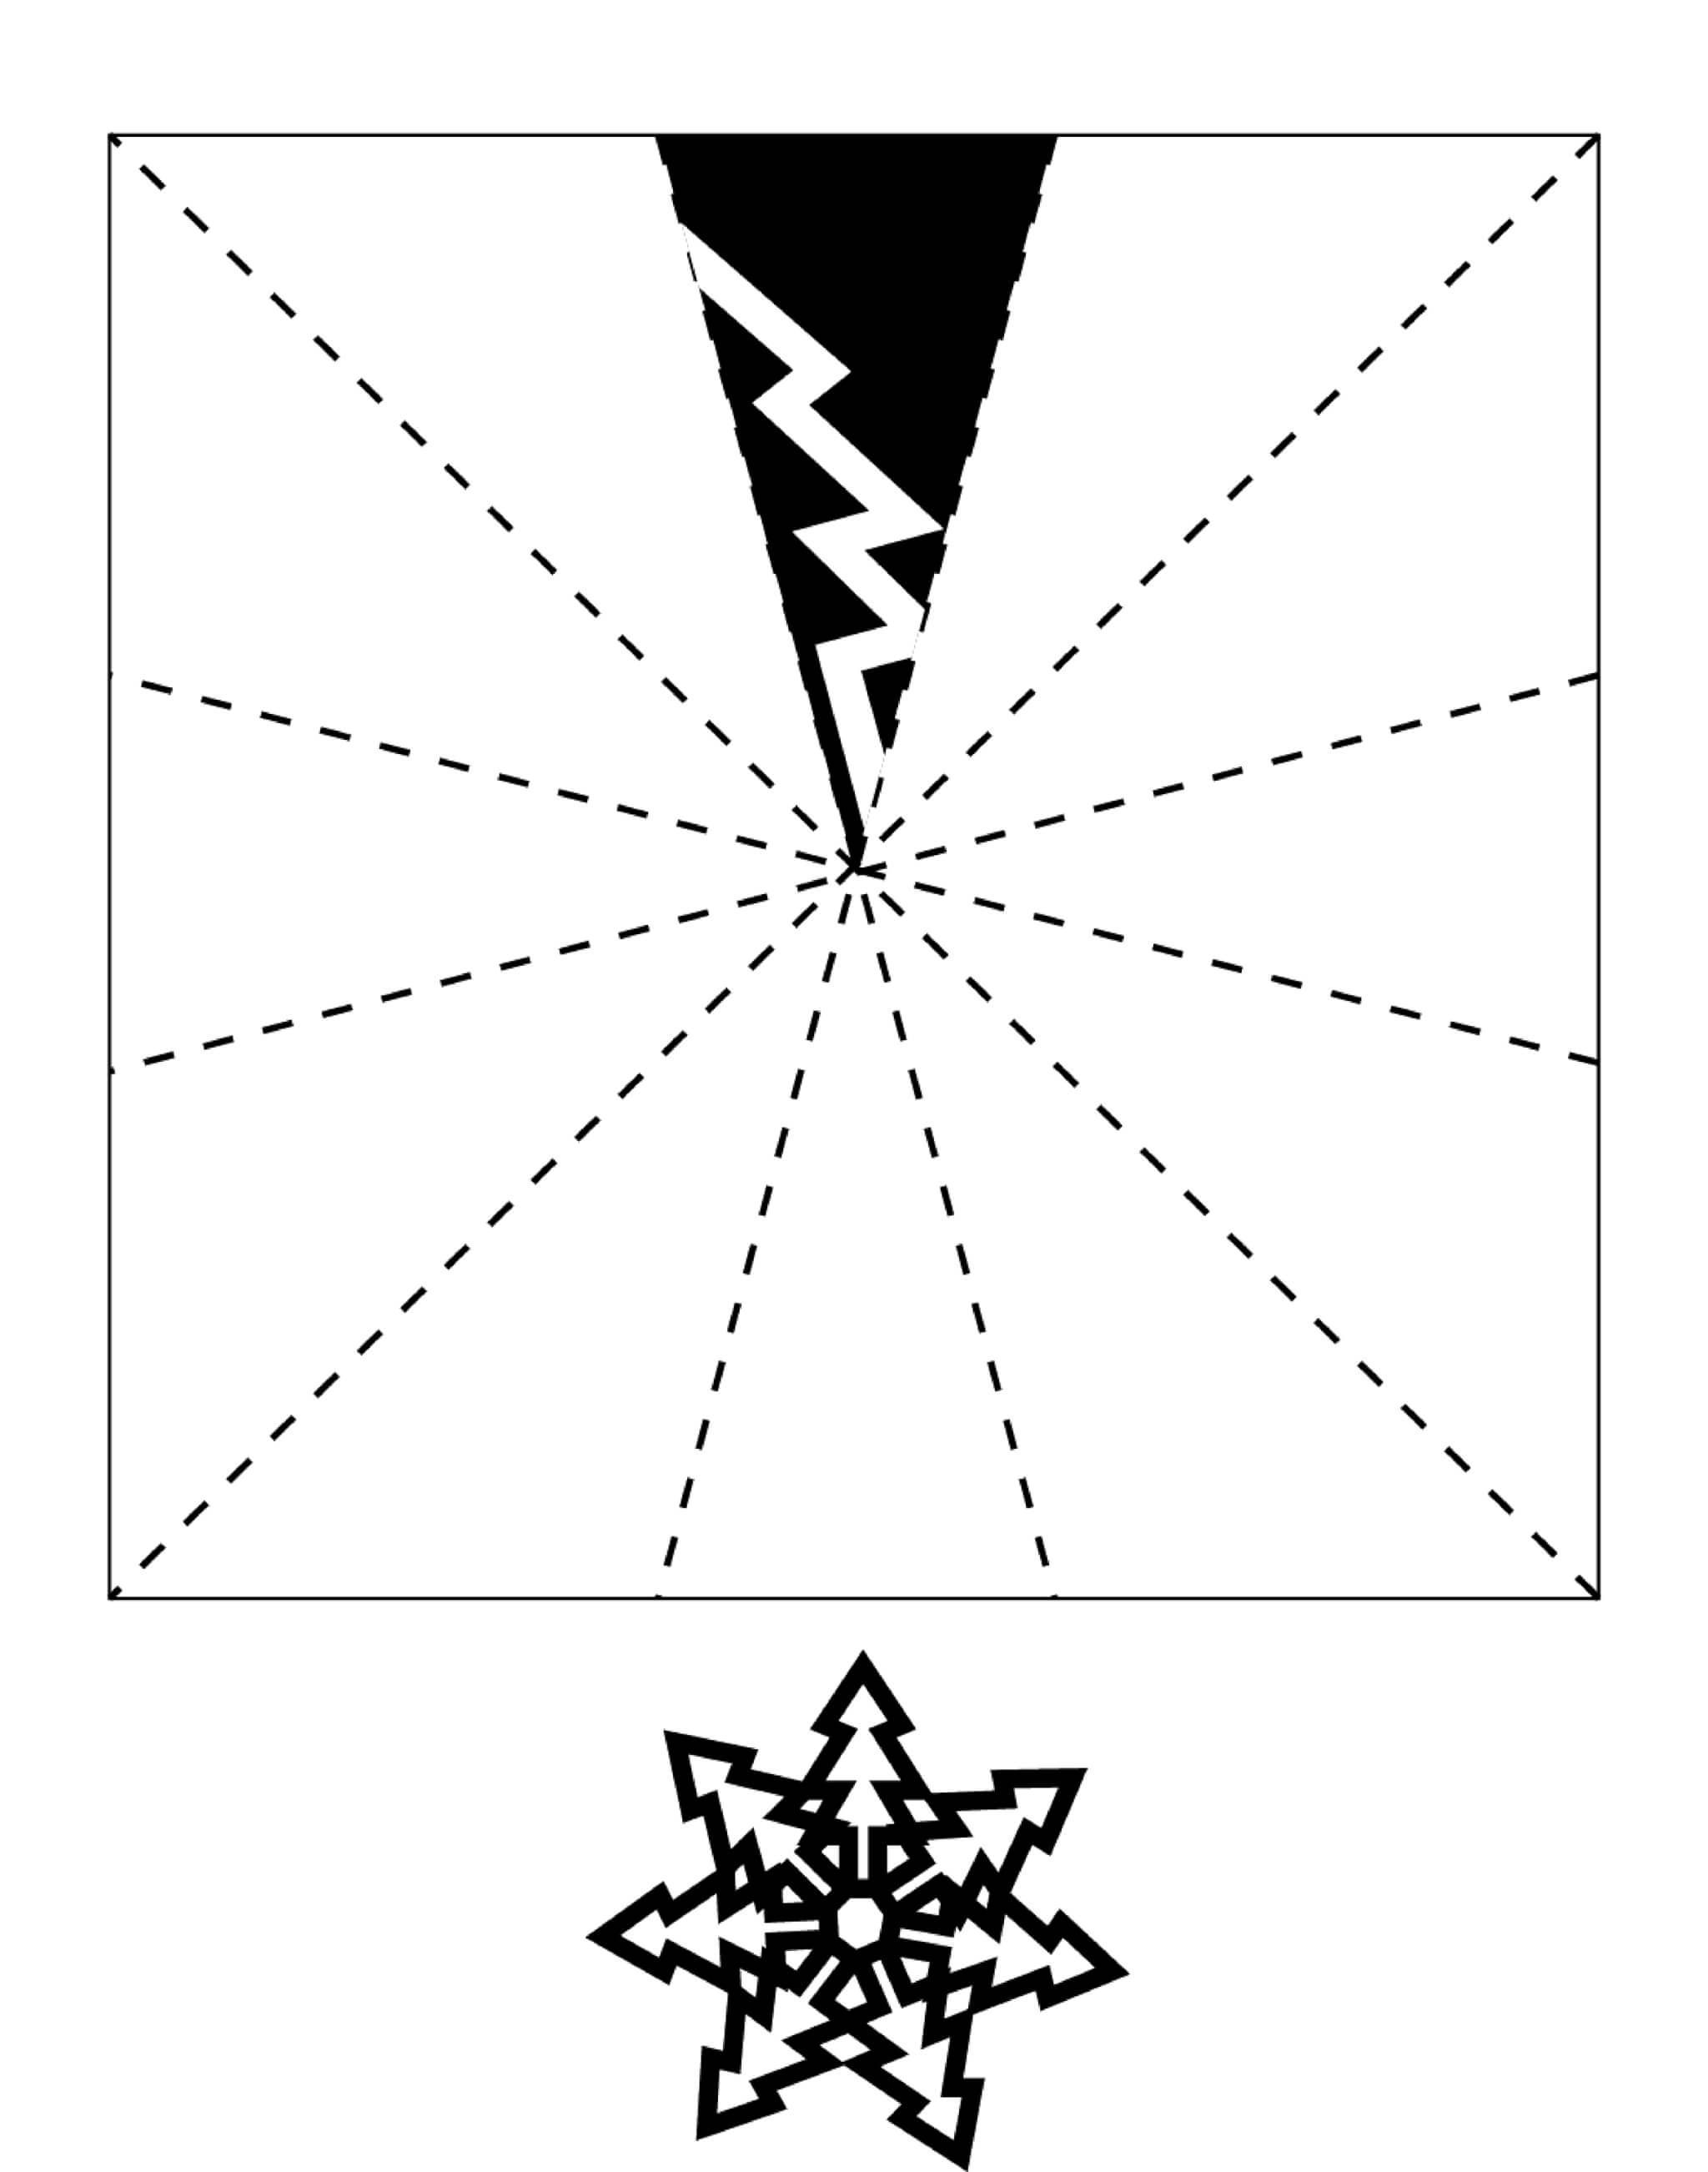 Шаблон для вырезания Снежинка из бумаги